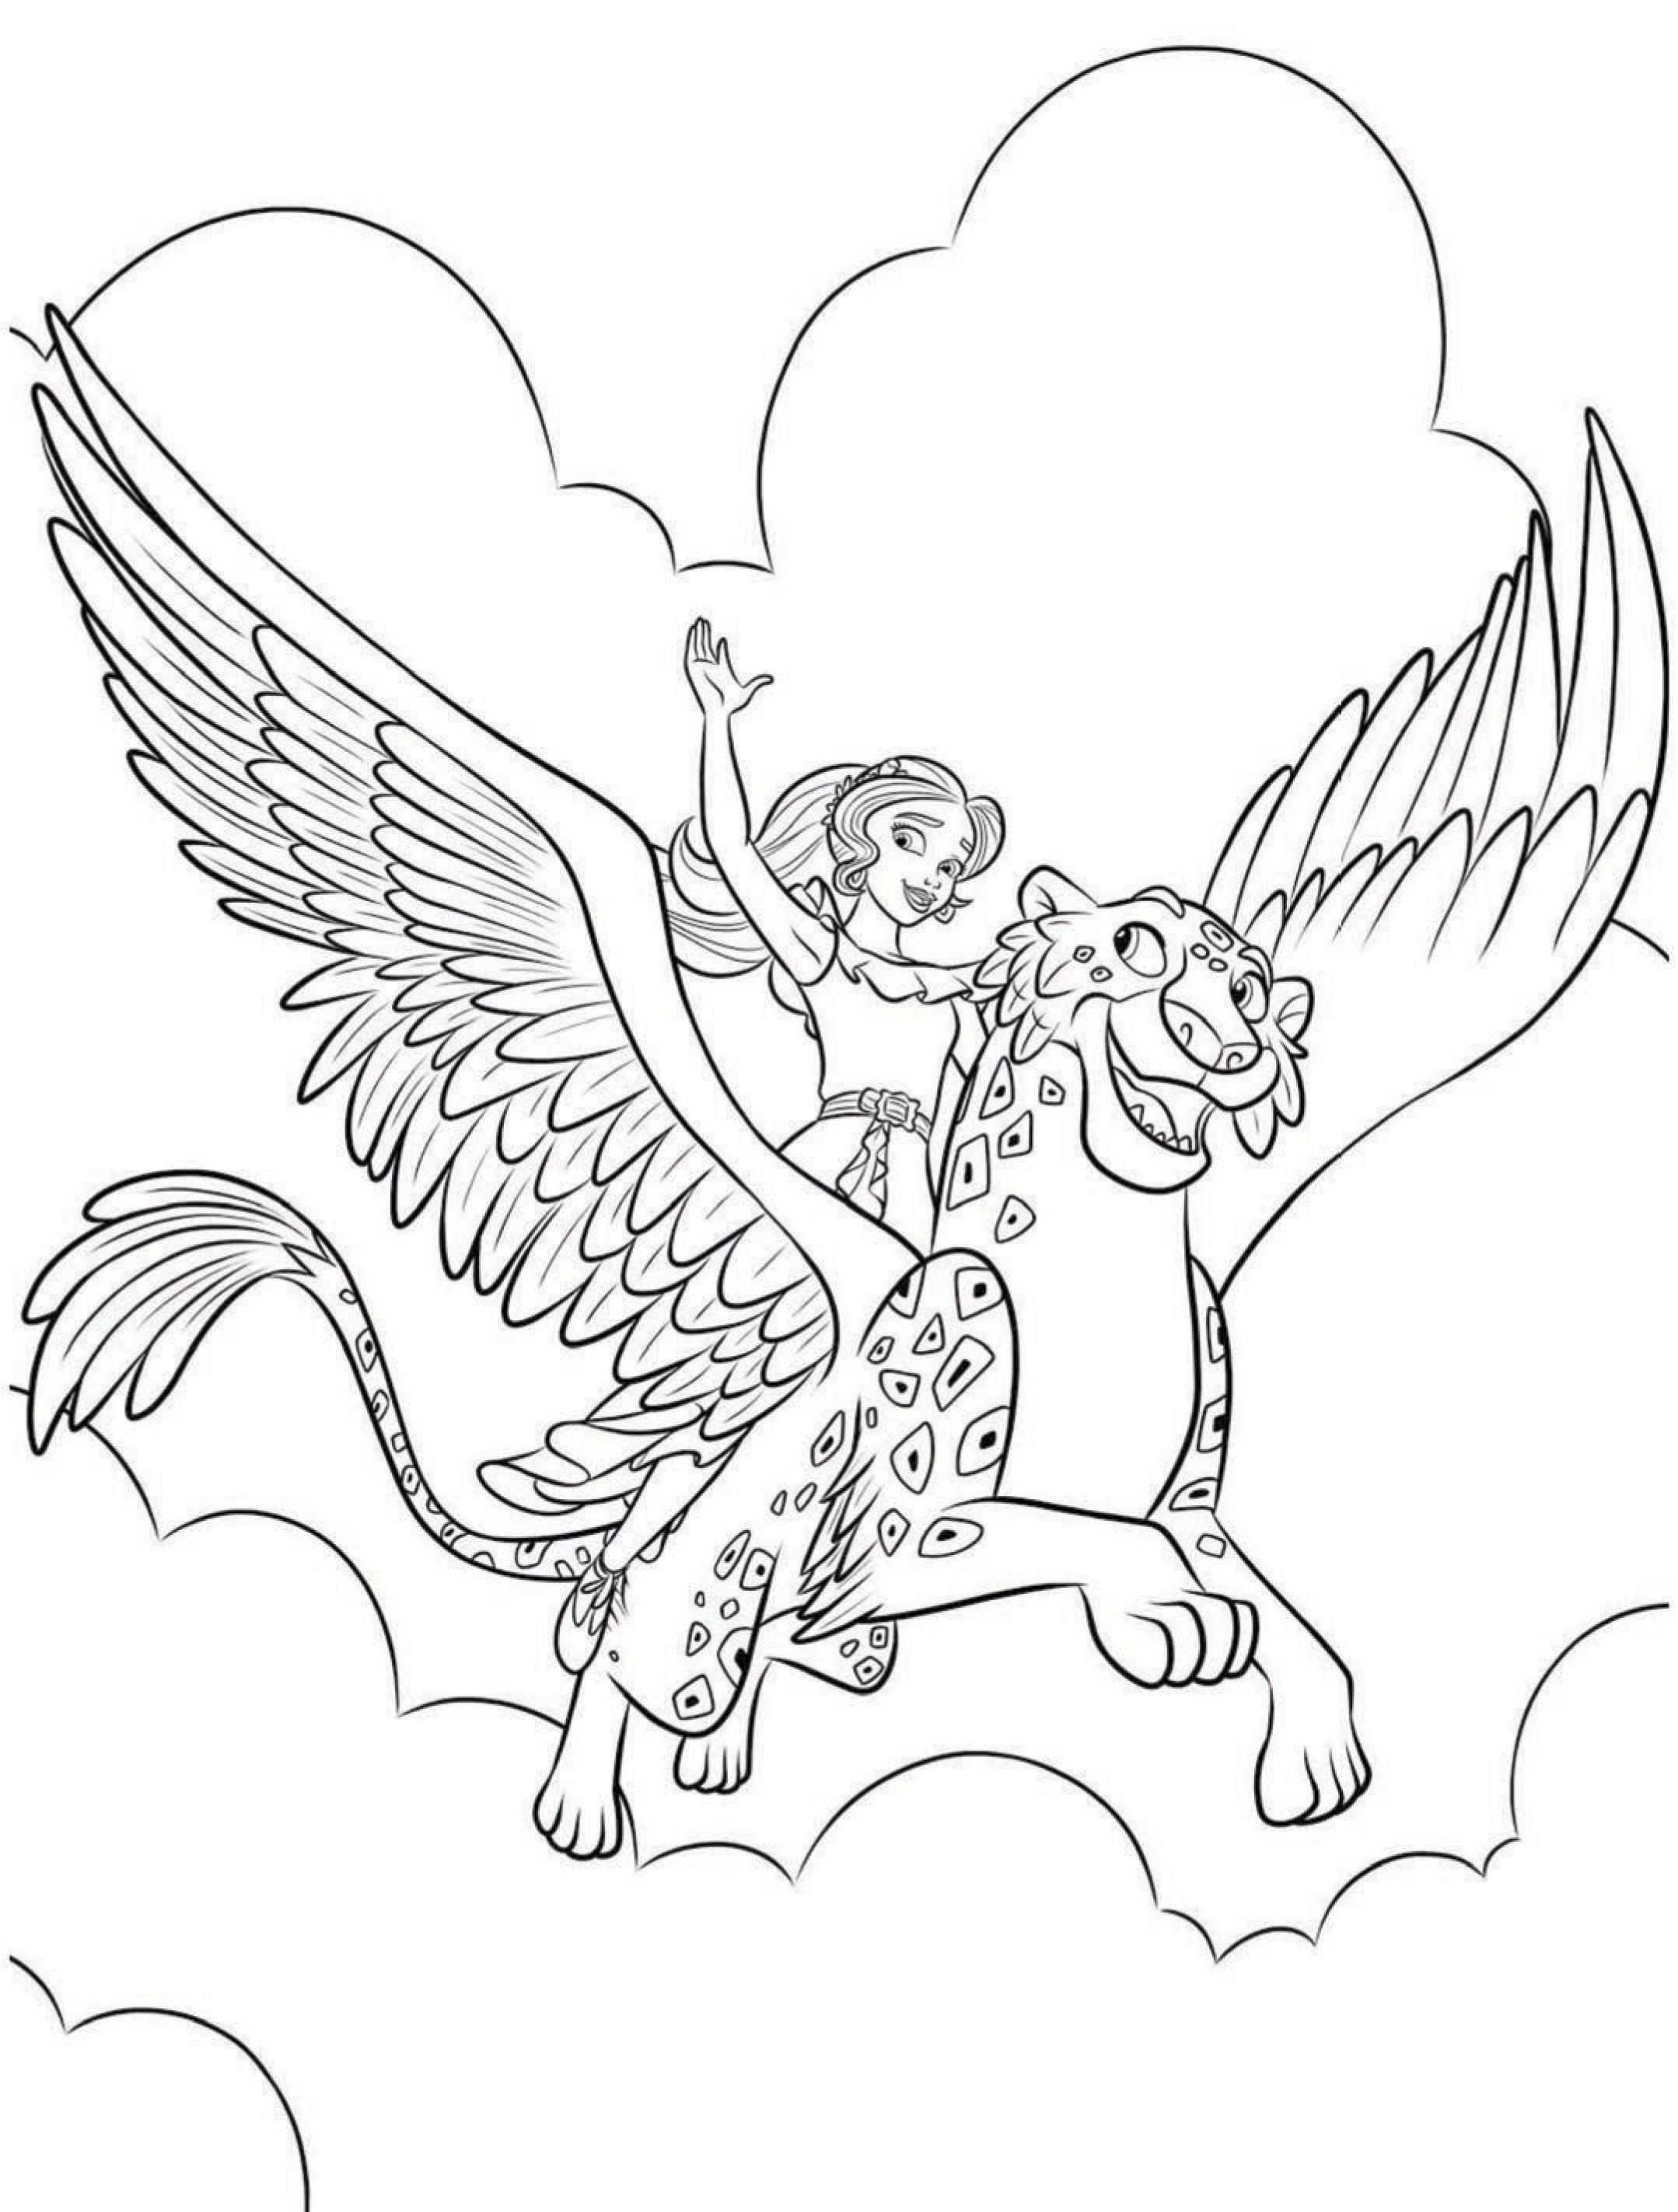 Раскраска Елена принцесса Авалора и Скайлар - Раскраски ...